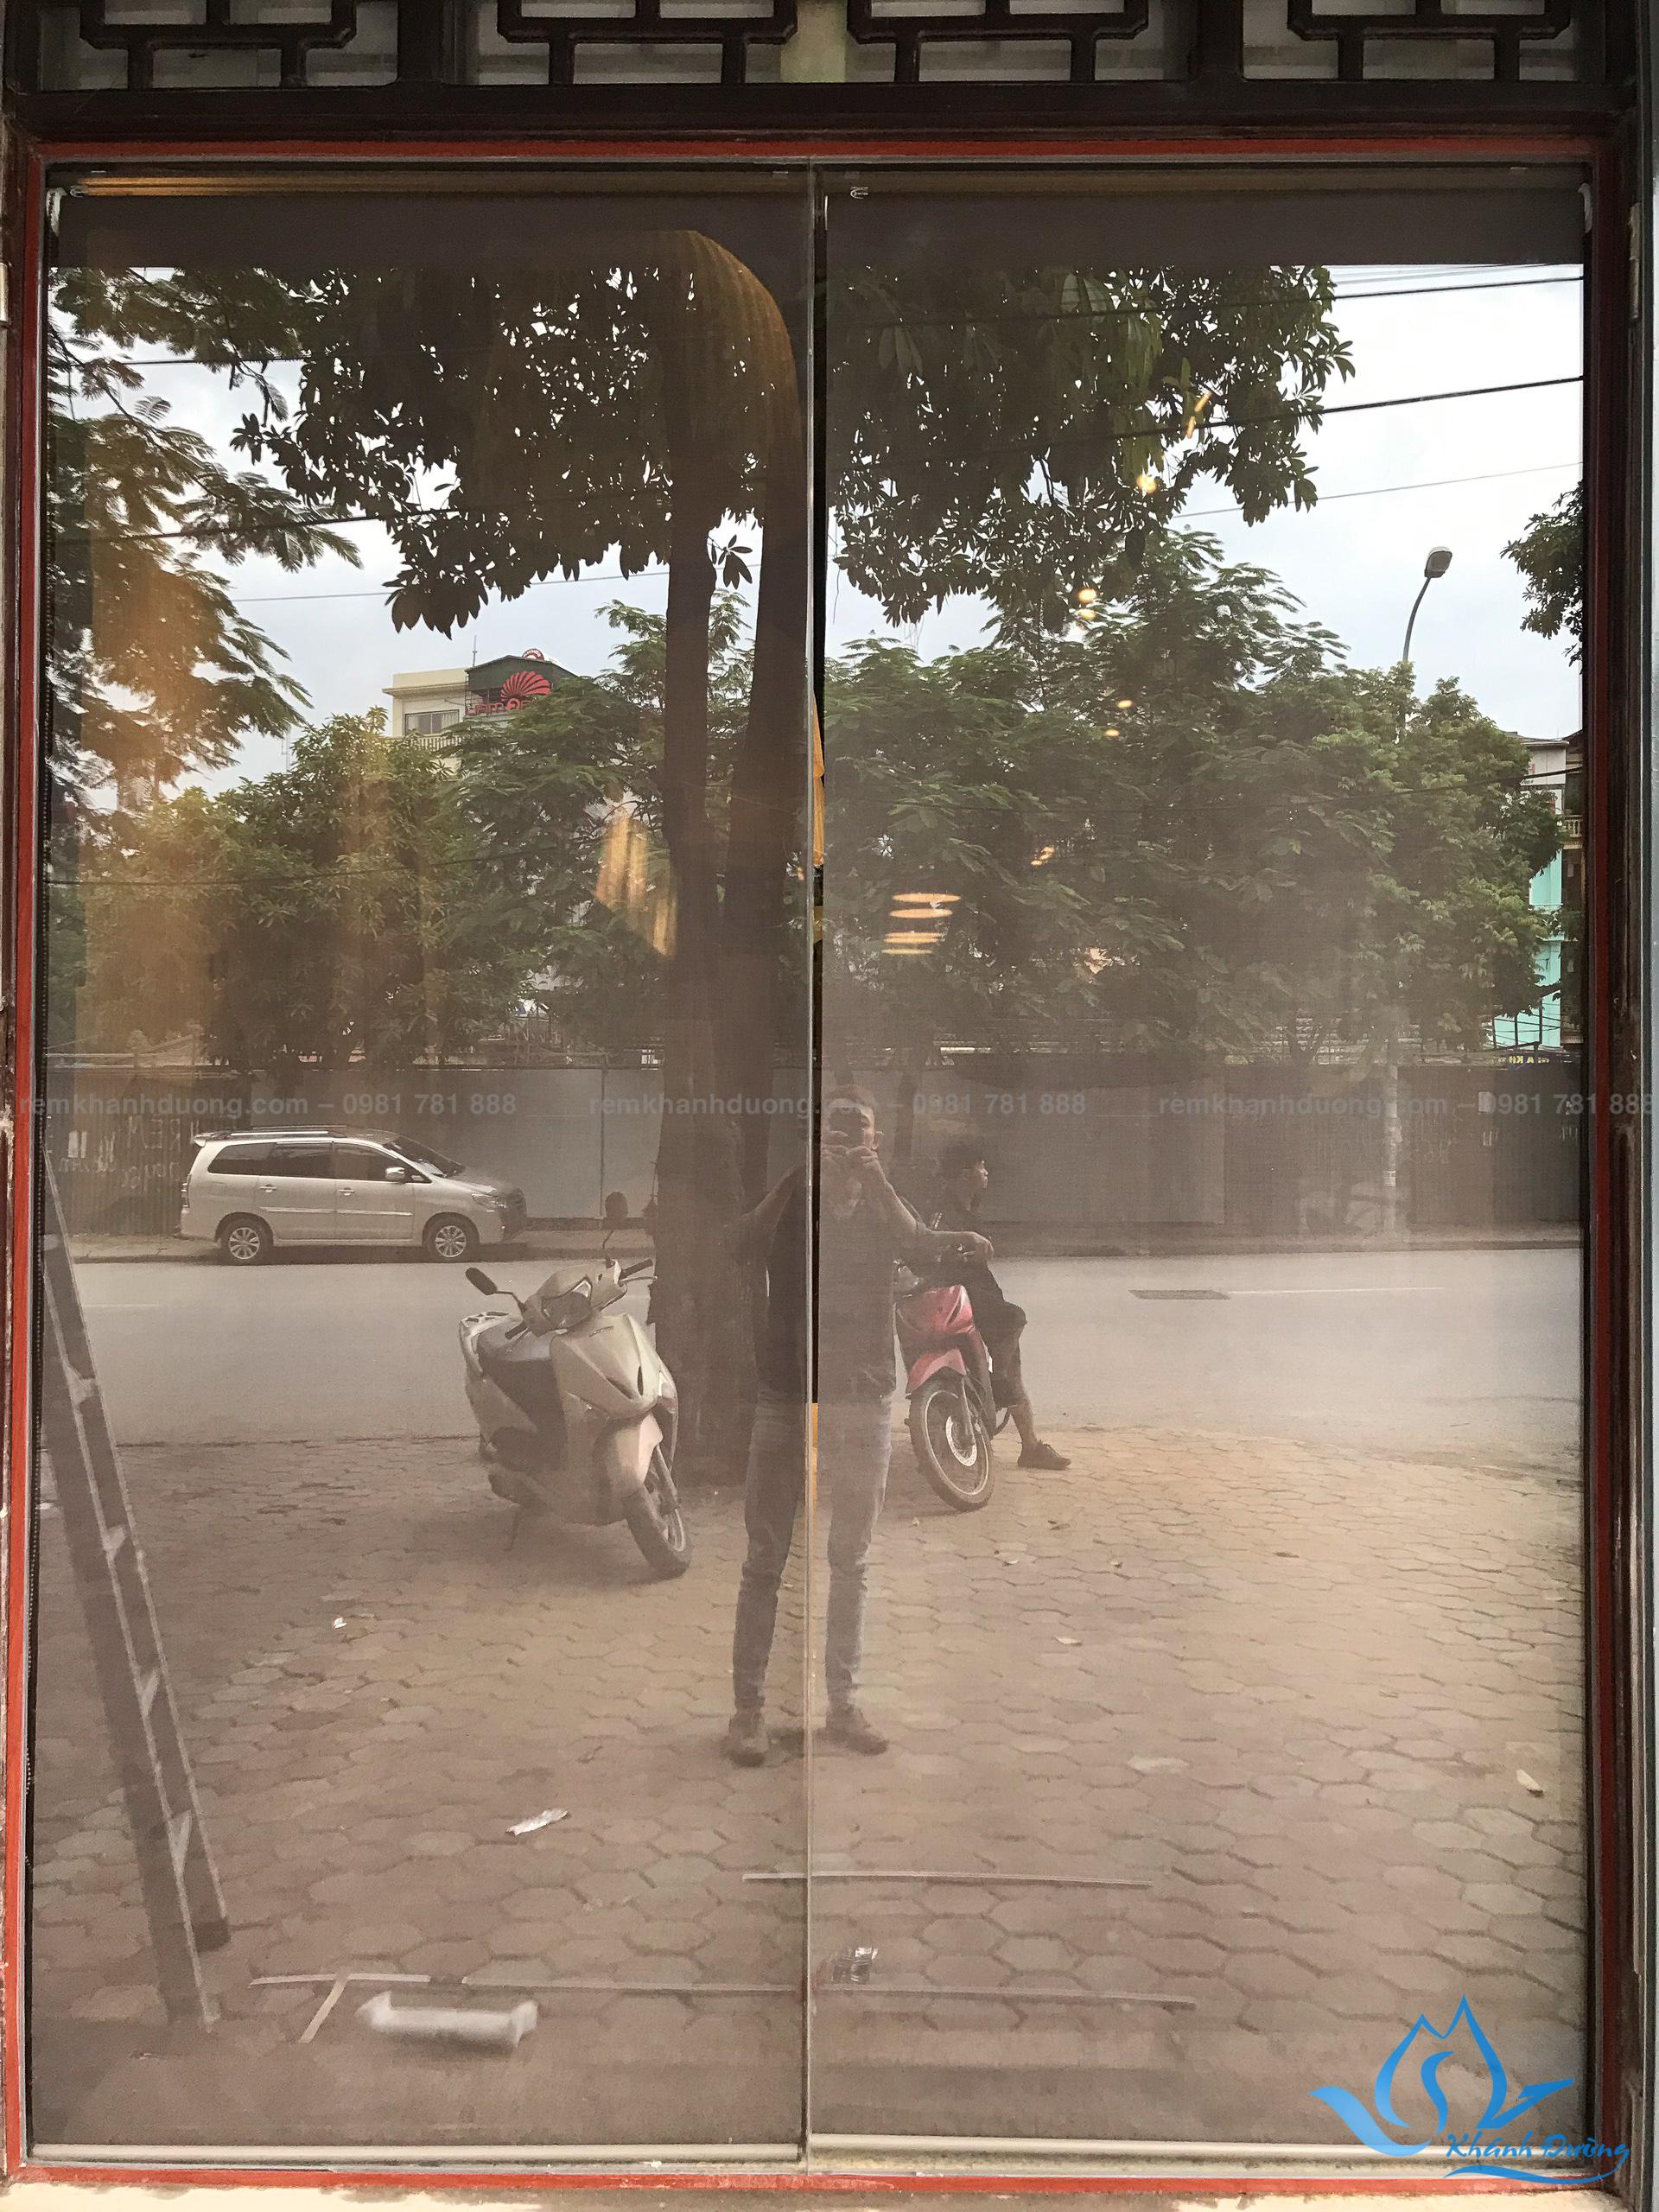 rem-cuon-luoi-gia-re-cho-quan-cafe-a4002-tai-nguyen-canh-di (6)